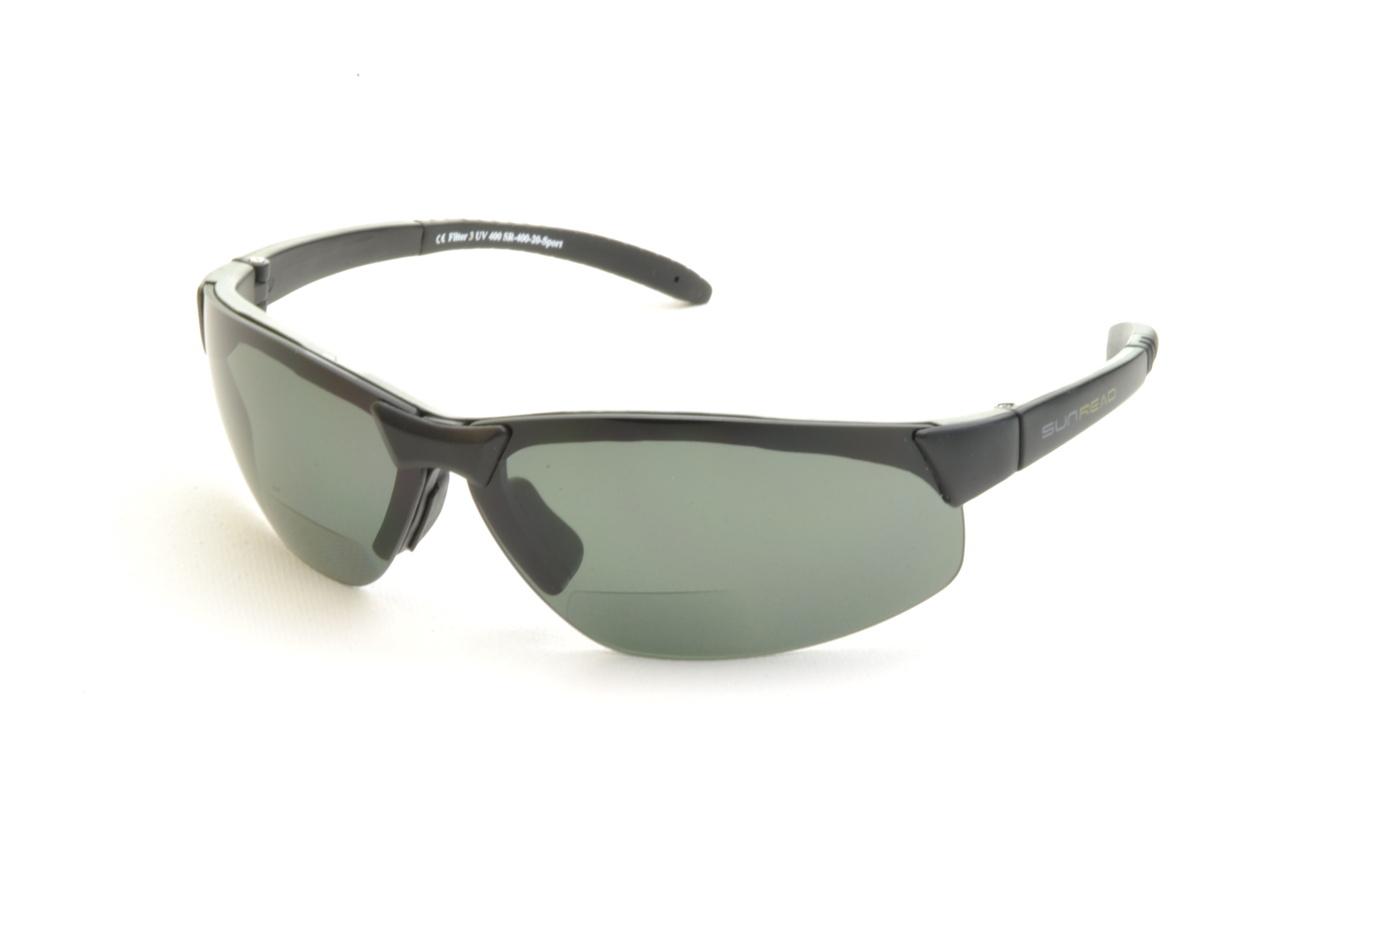 Solglasögon Med Styrka För Golf  3246c1b15b372